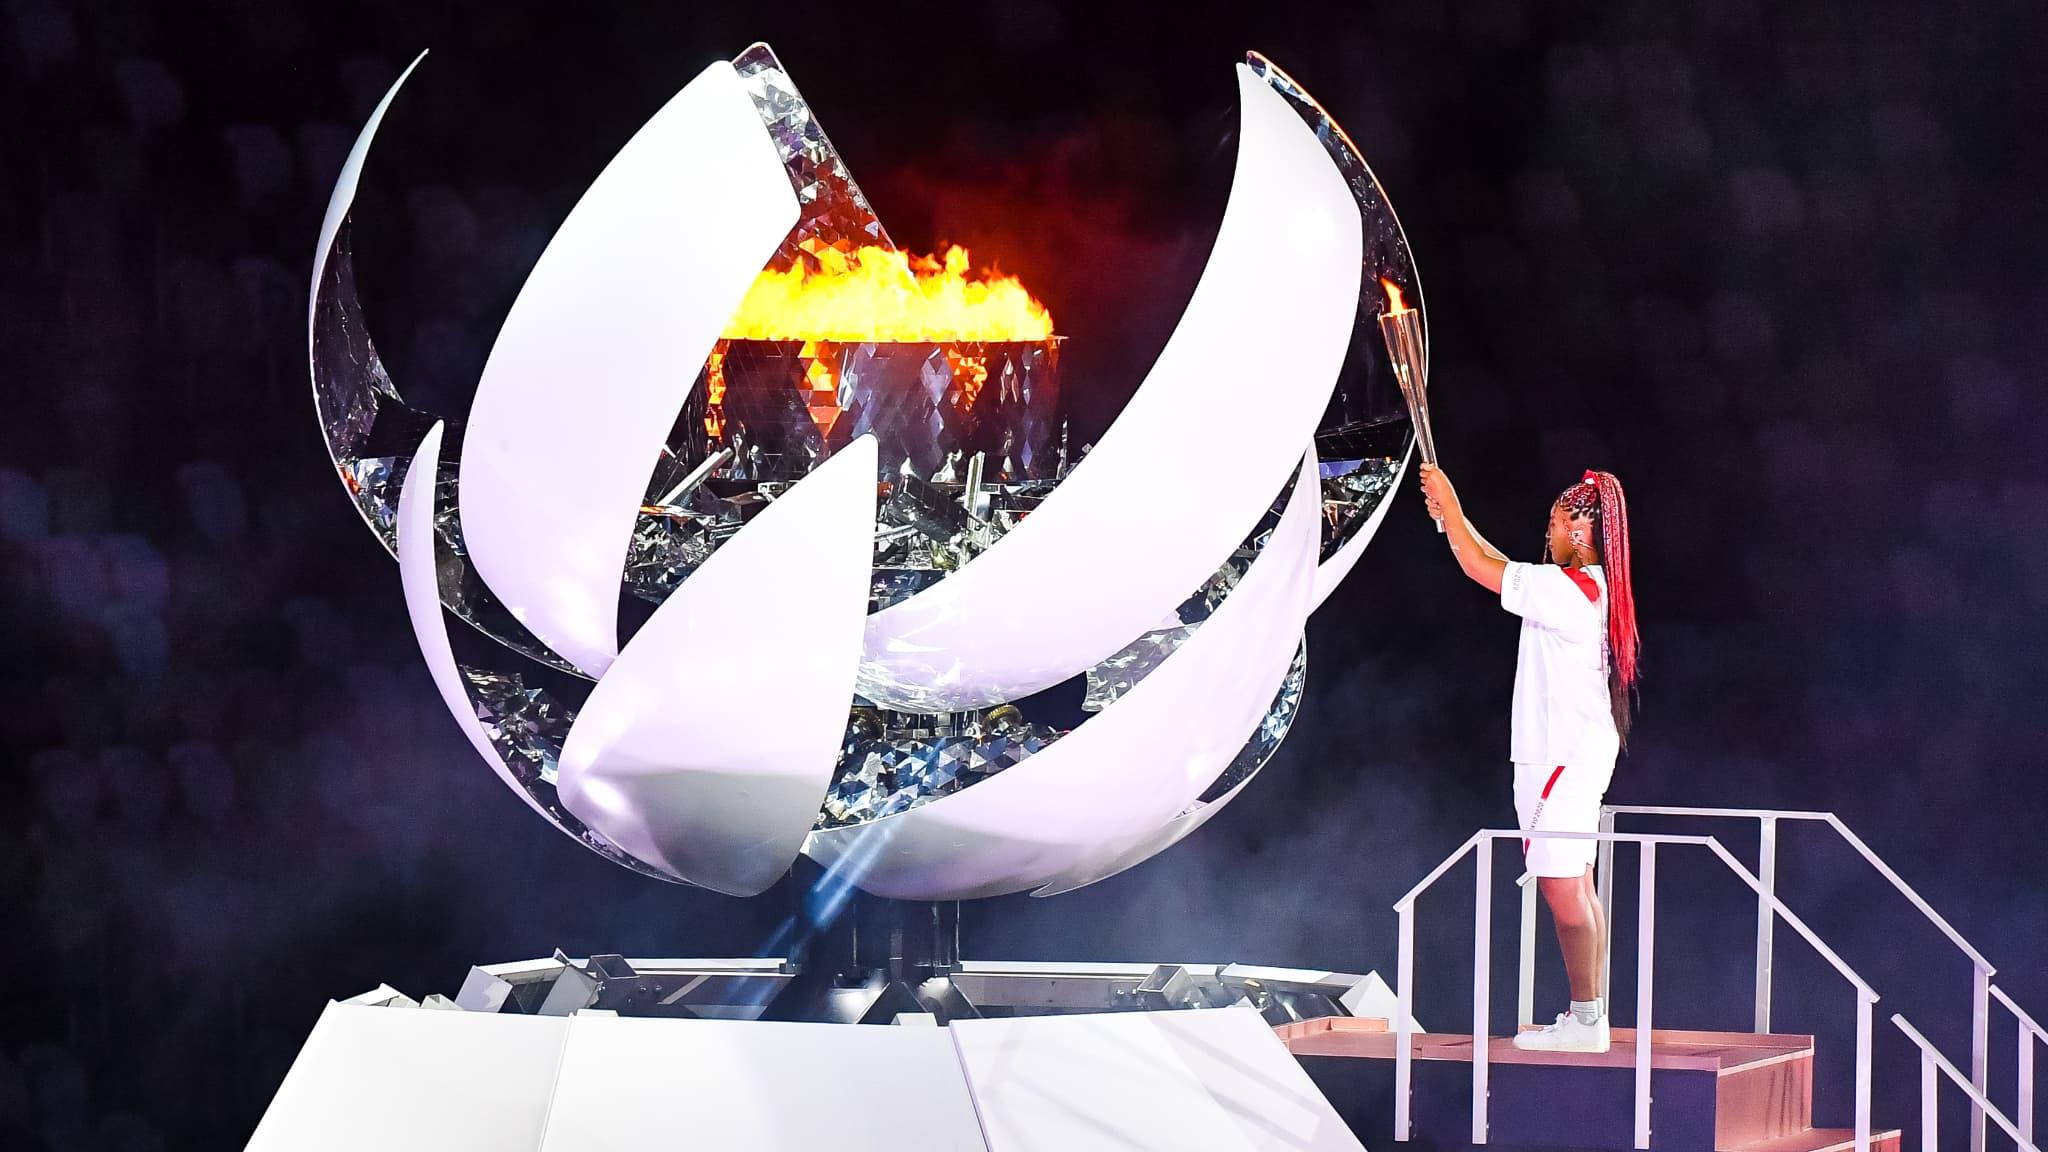 Les jeux olympiques de Tokyo 2020 commencent alors que Naomi Osaka allume la flamme olympique